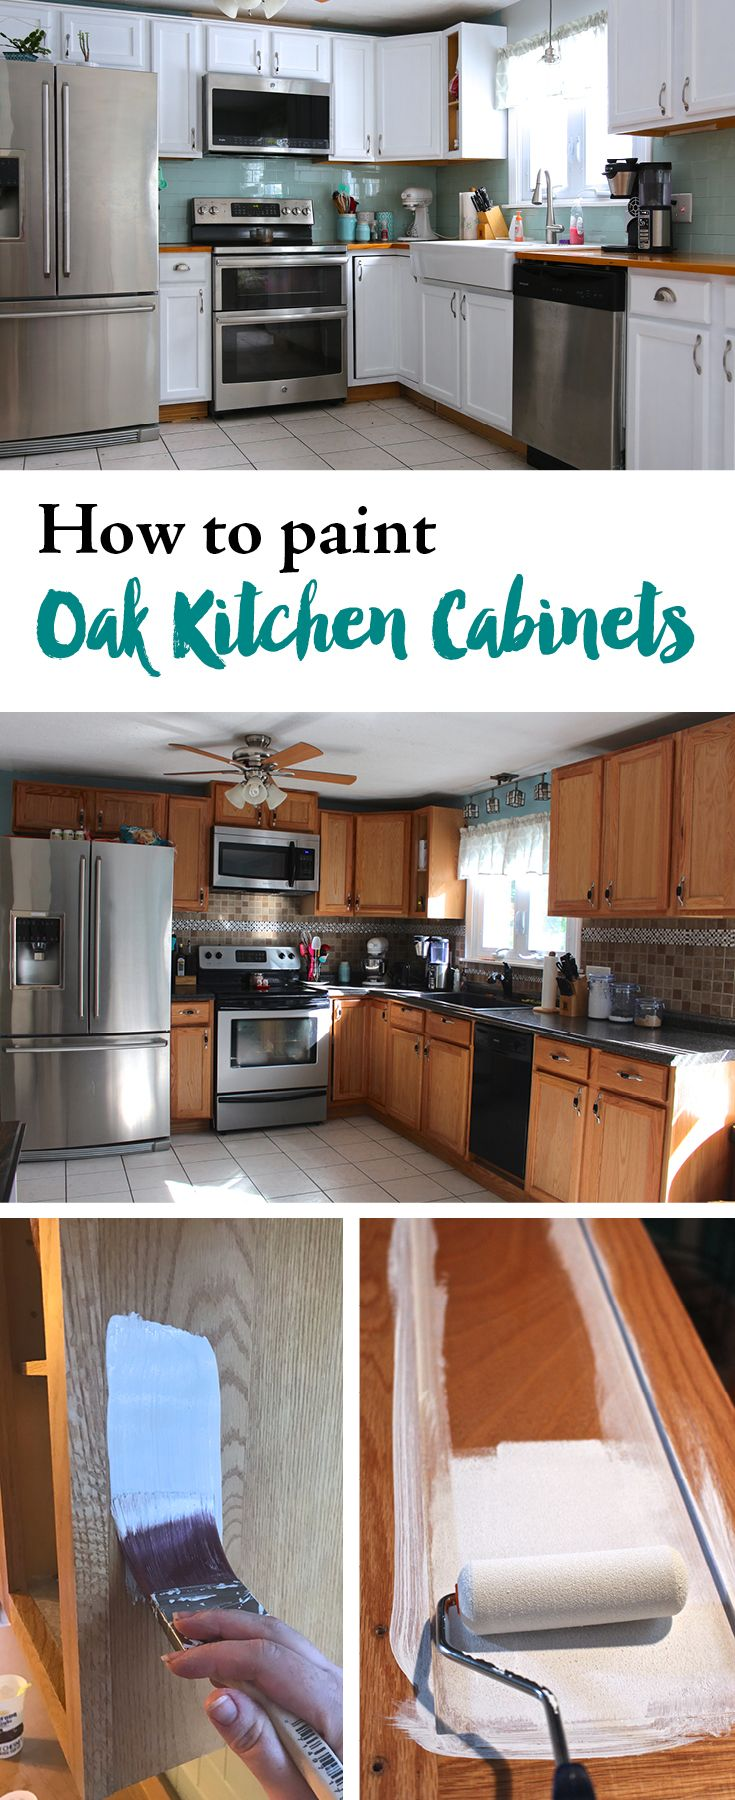 How to paint oak kitchen cabinets   Enamel paint, Satin ...